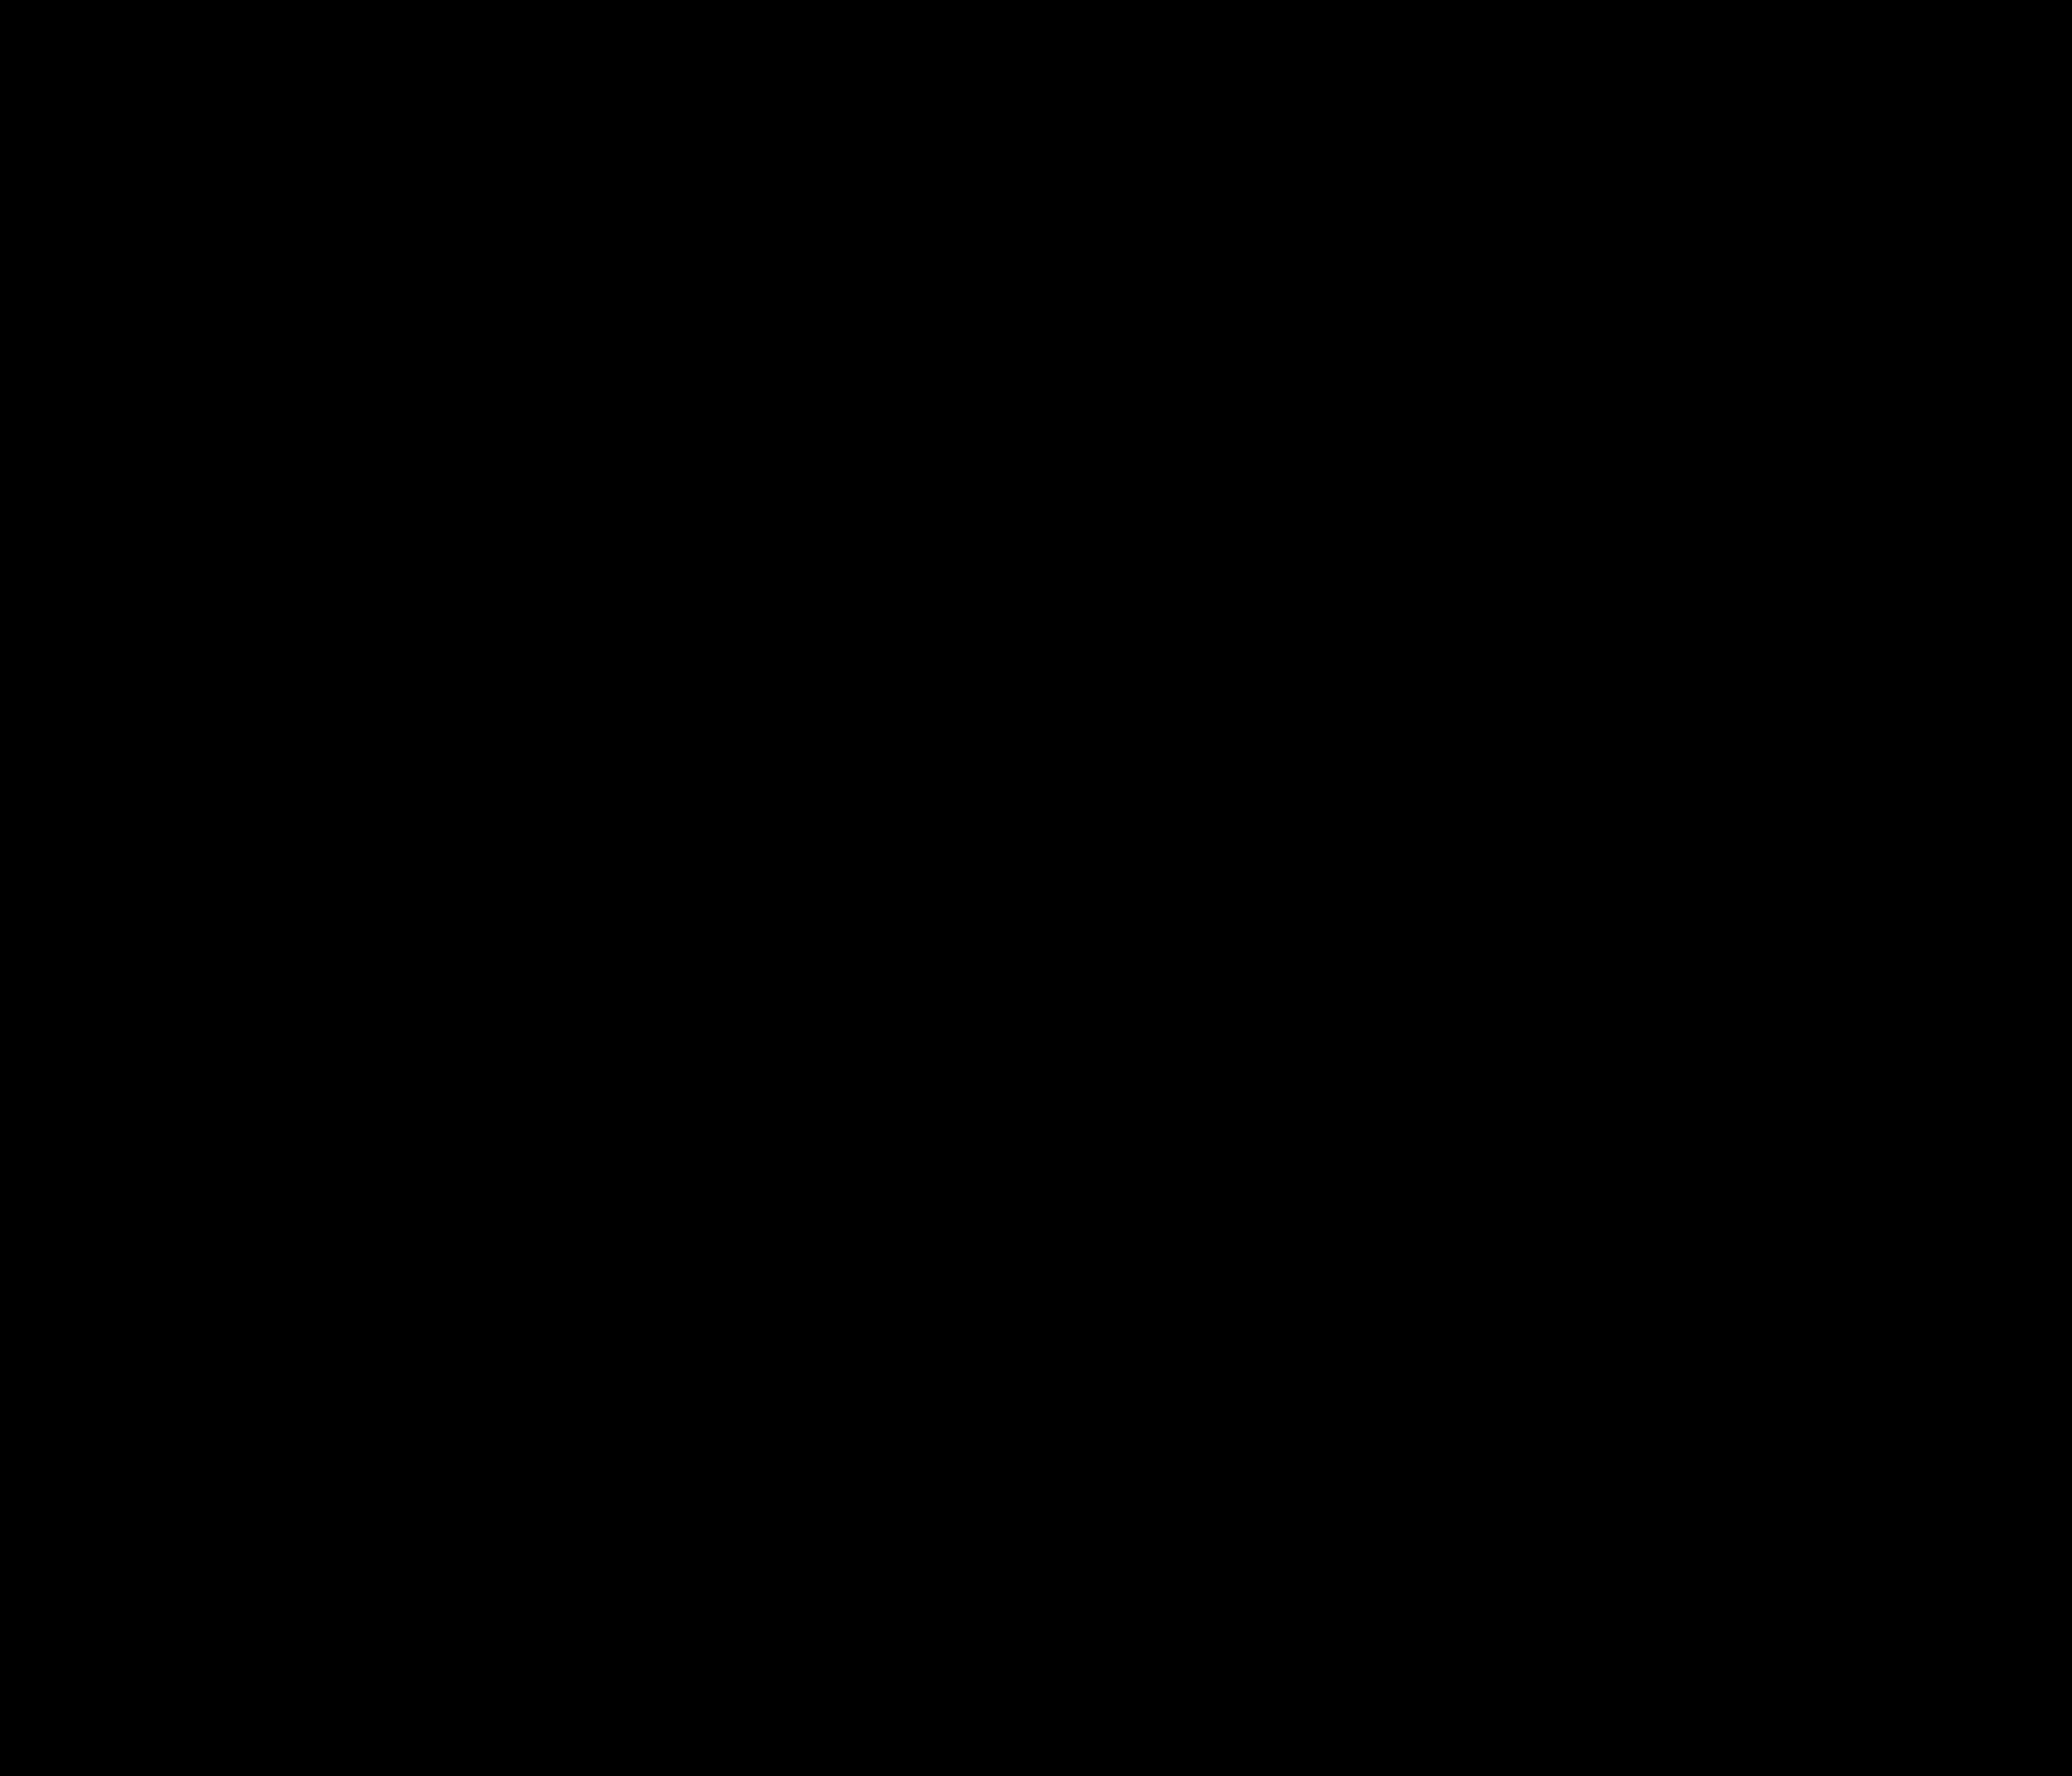 Folder mit Fensterfalz Aufbau, Struktur und Reihenfolge der Seiten